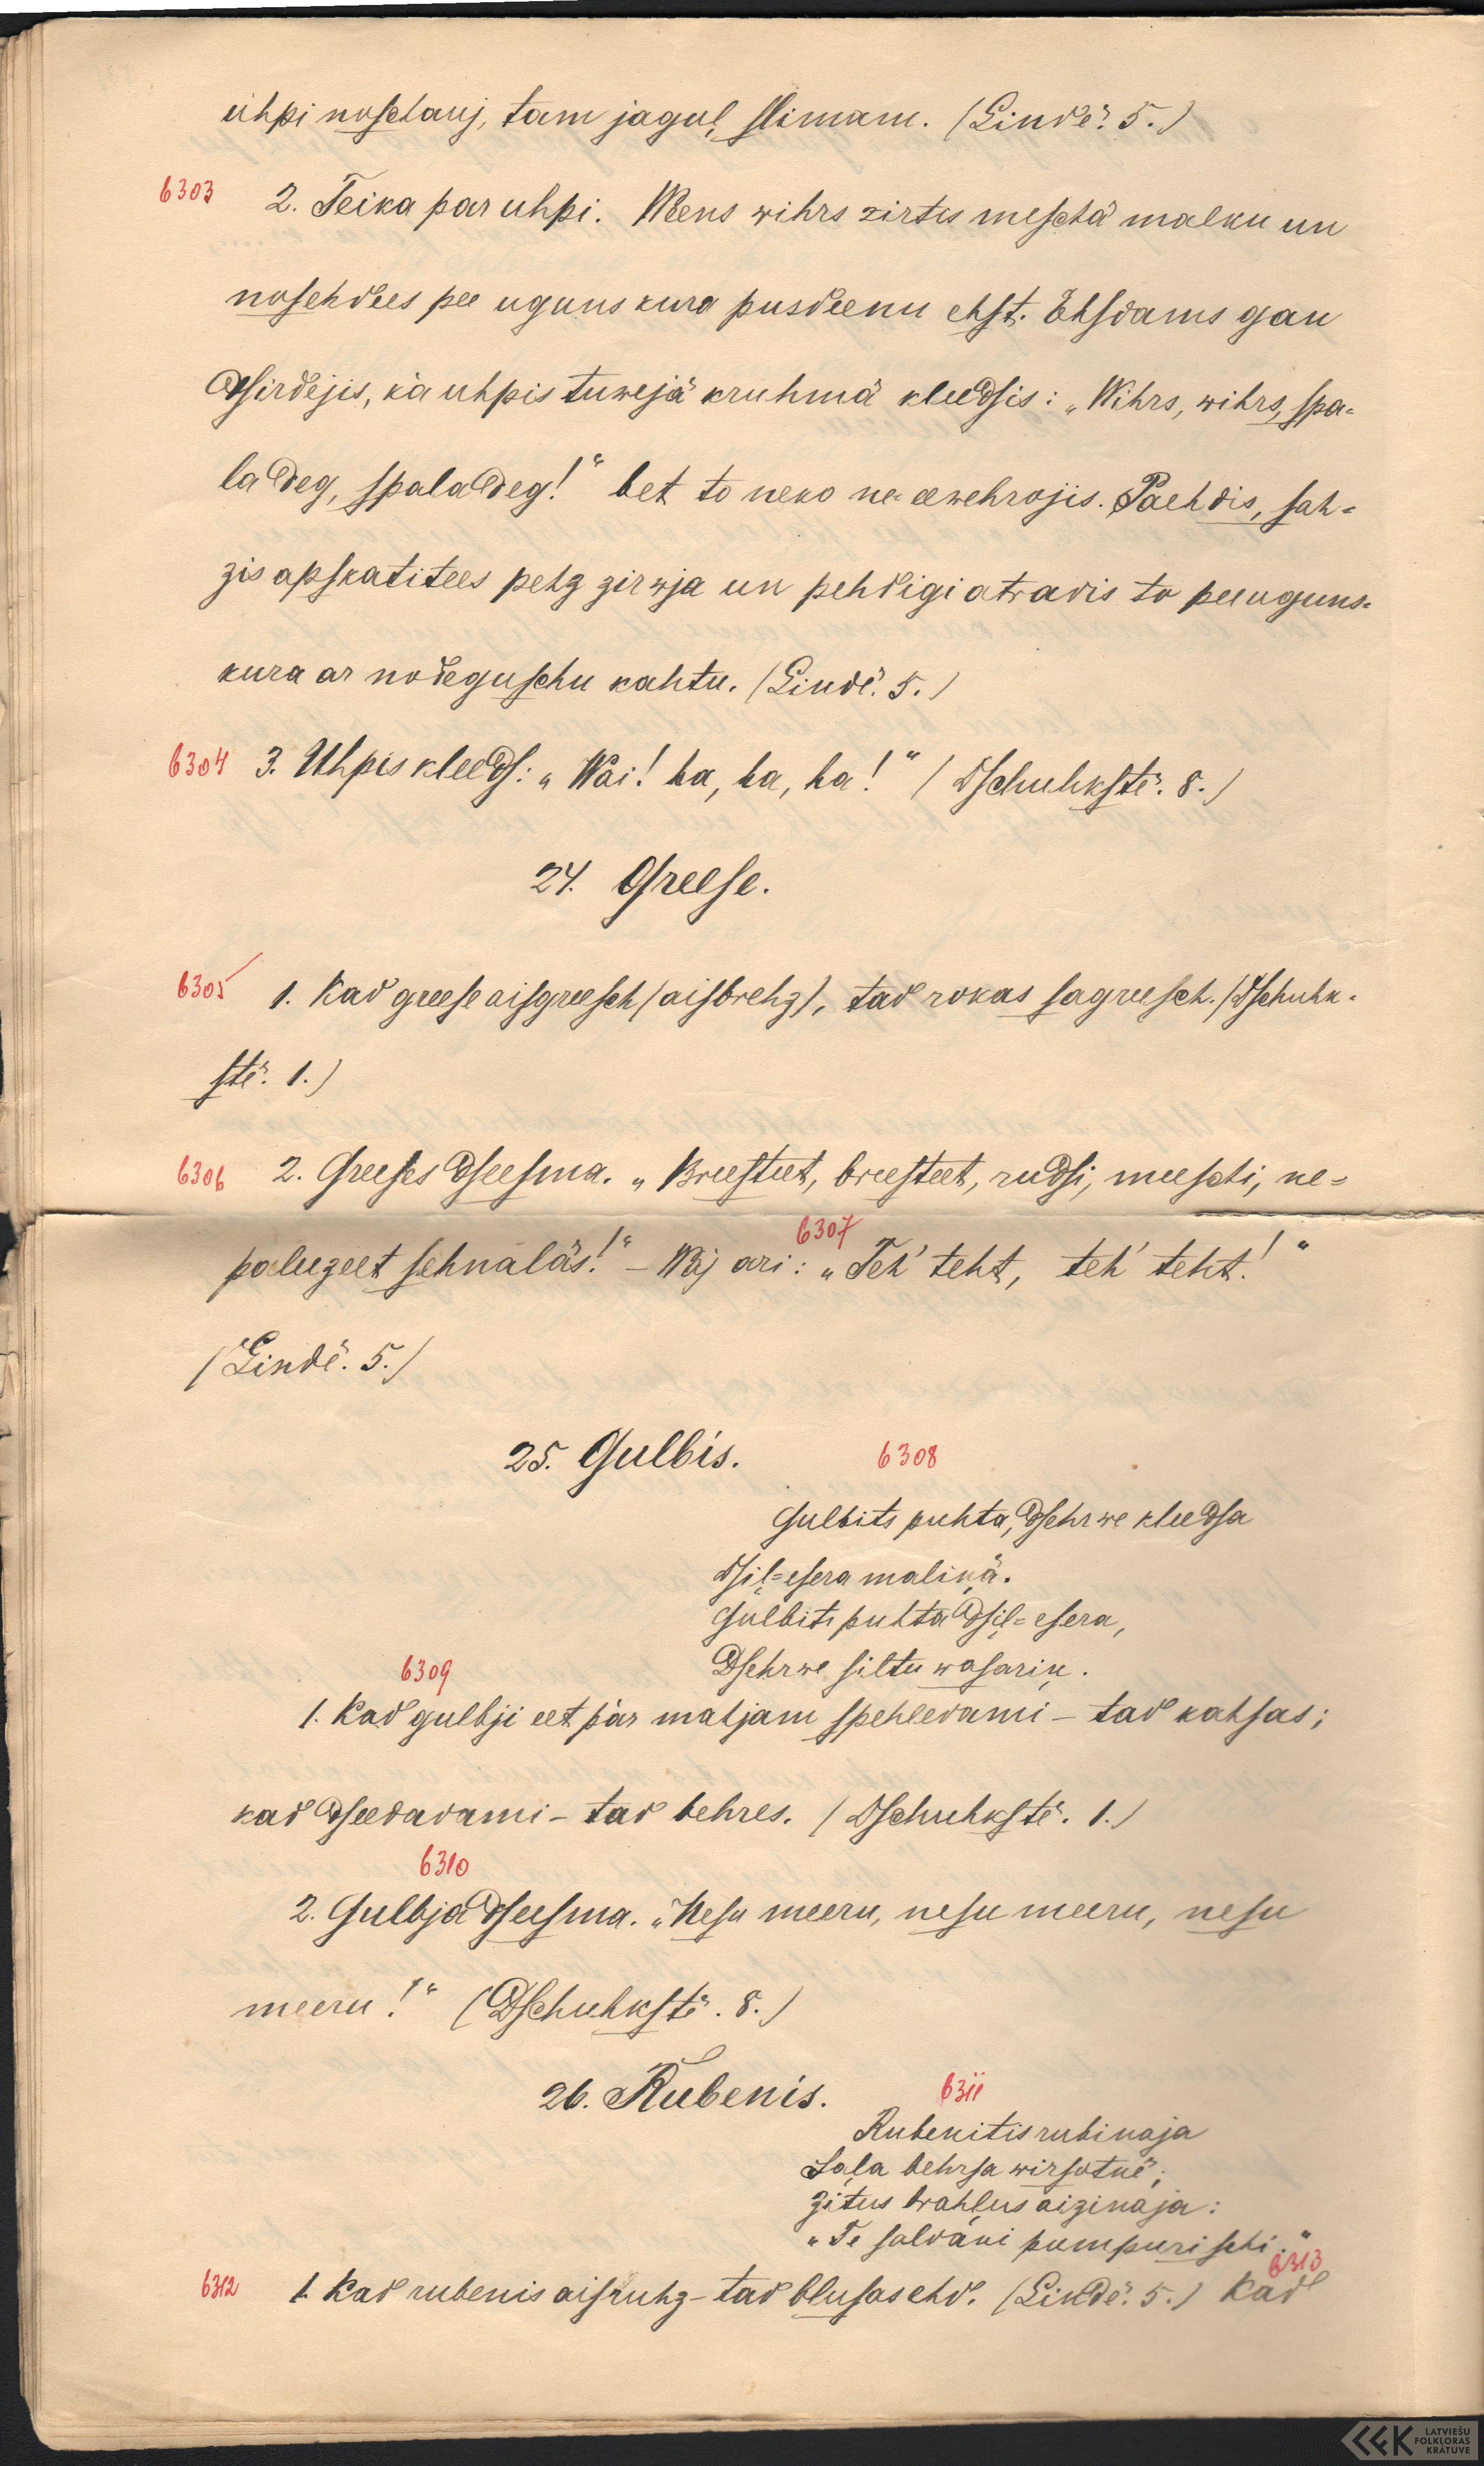 1730-Rigas-Latviesu-biedriba-02-0250